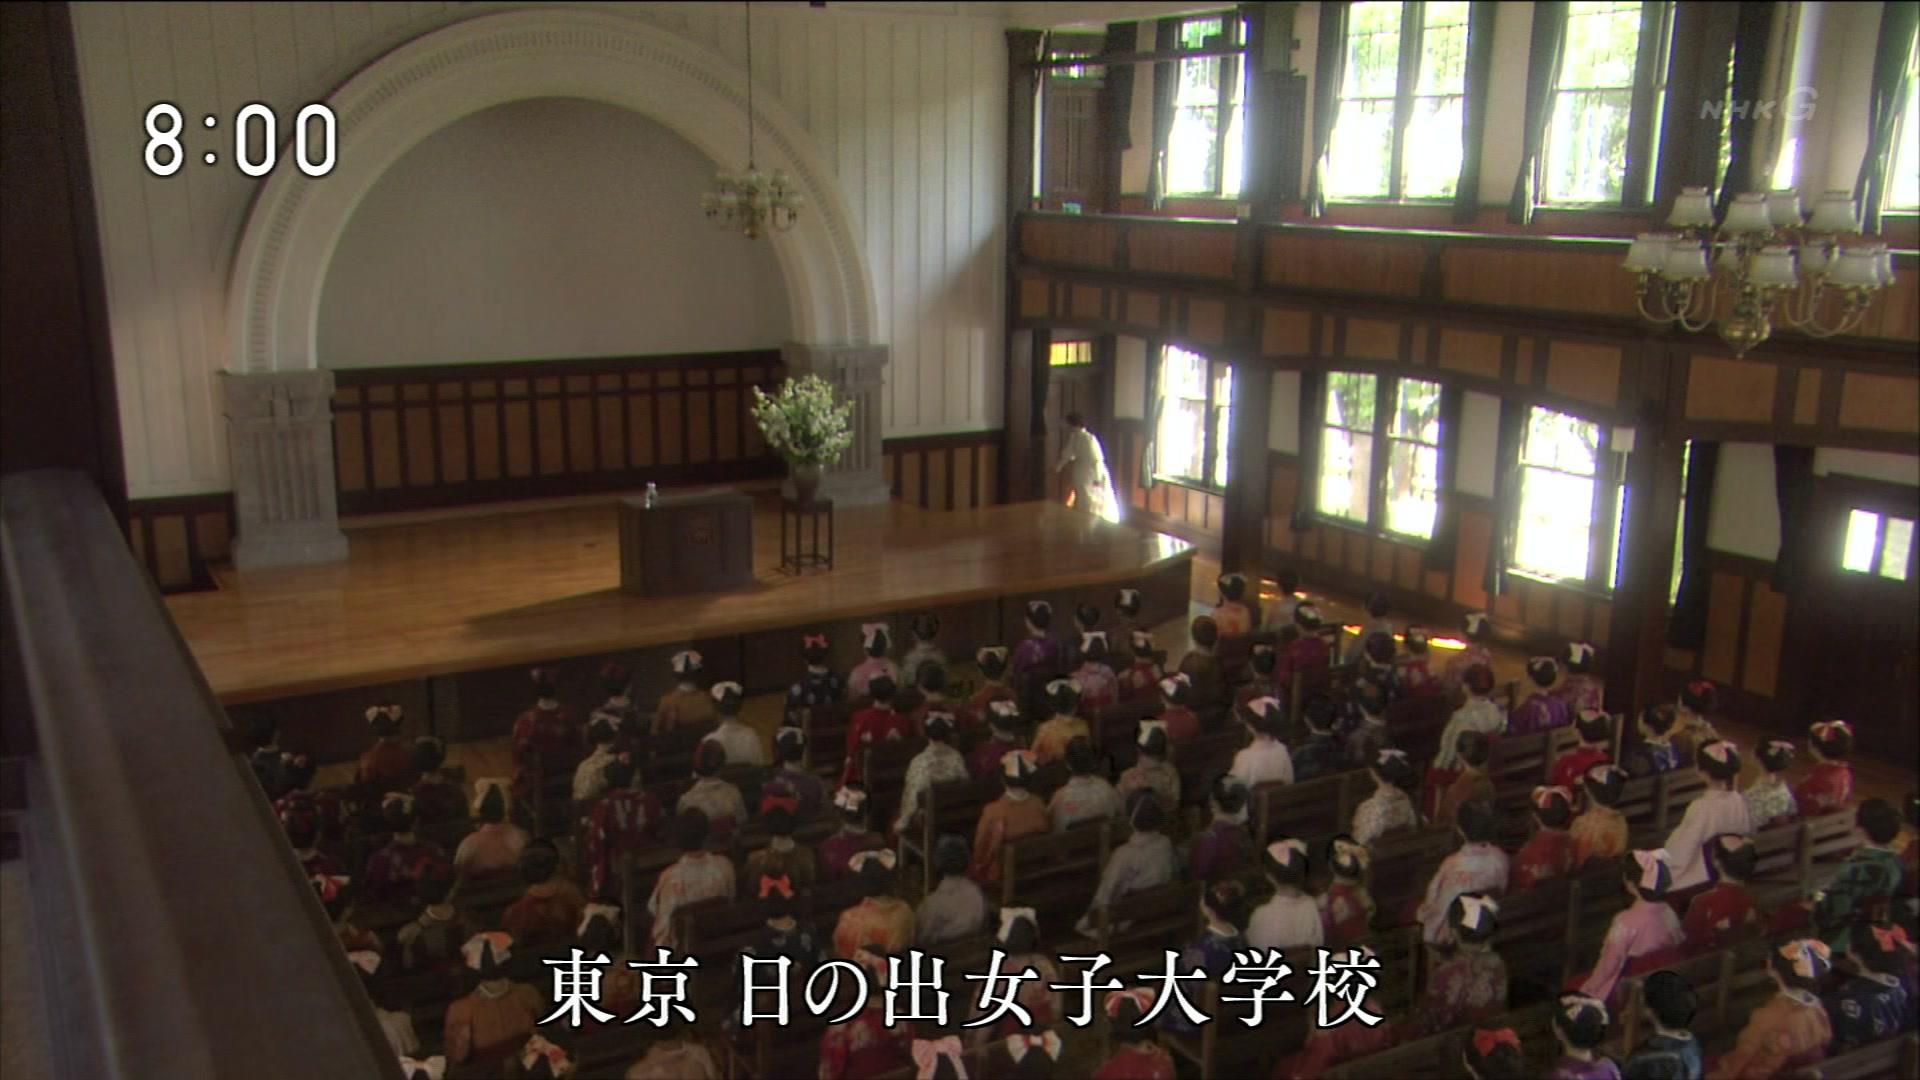 2015-09-28 08:00 連続テレビ小説 あさが来た(1)「小さな許嫁(いいなずけ)」 01079